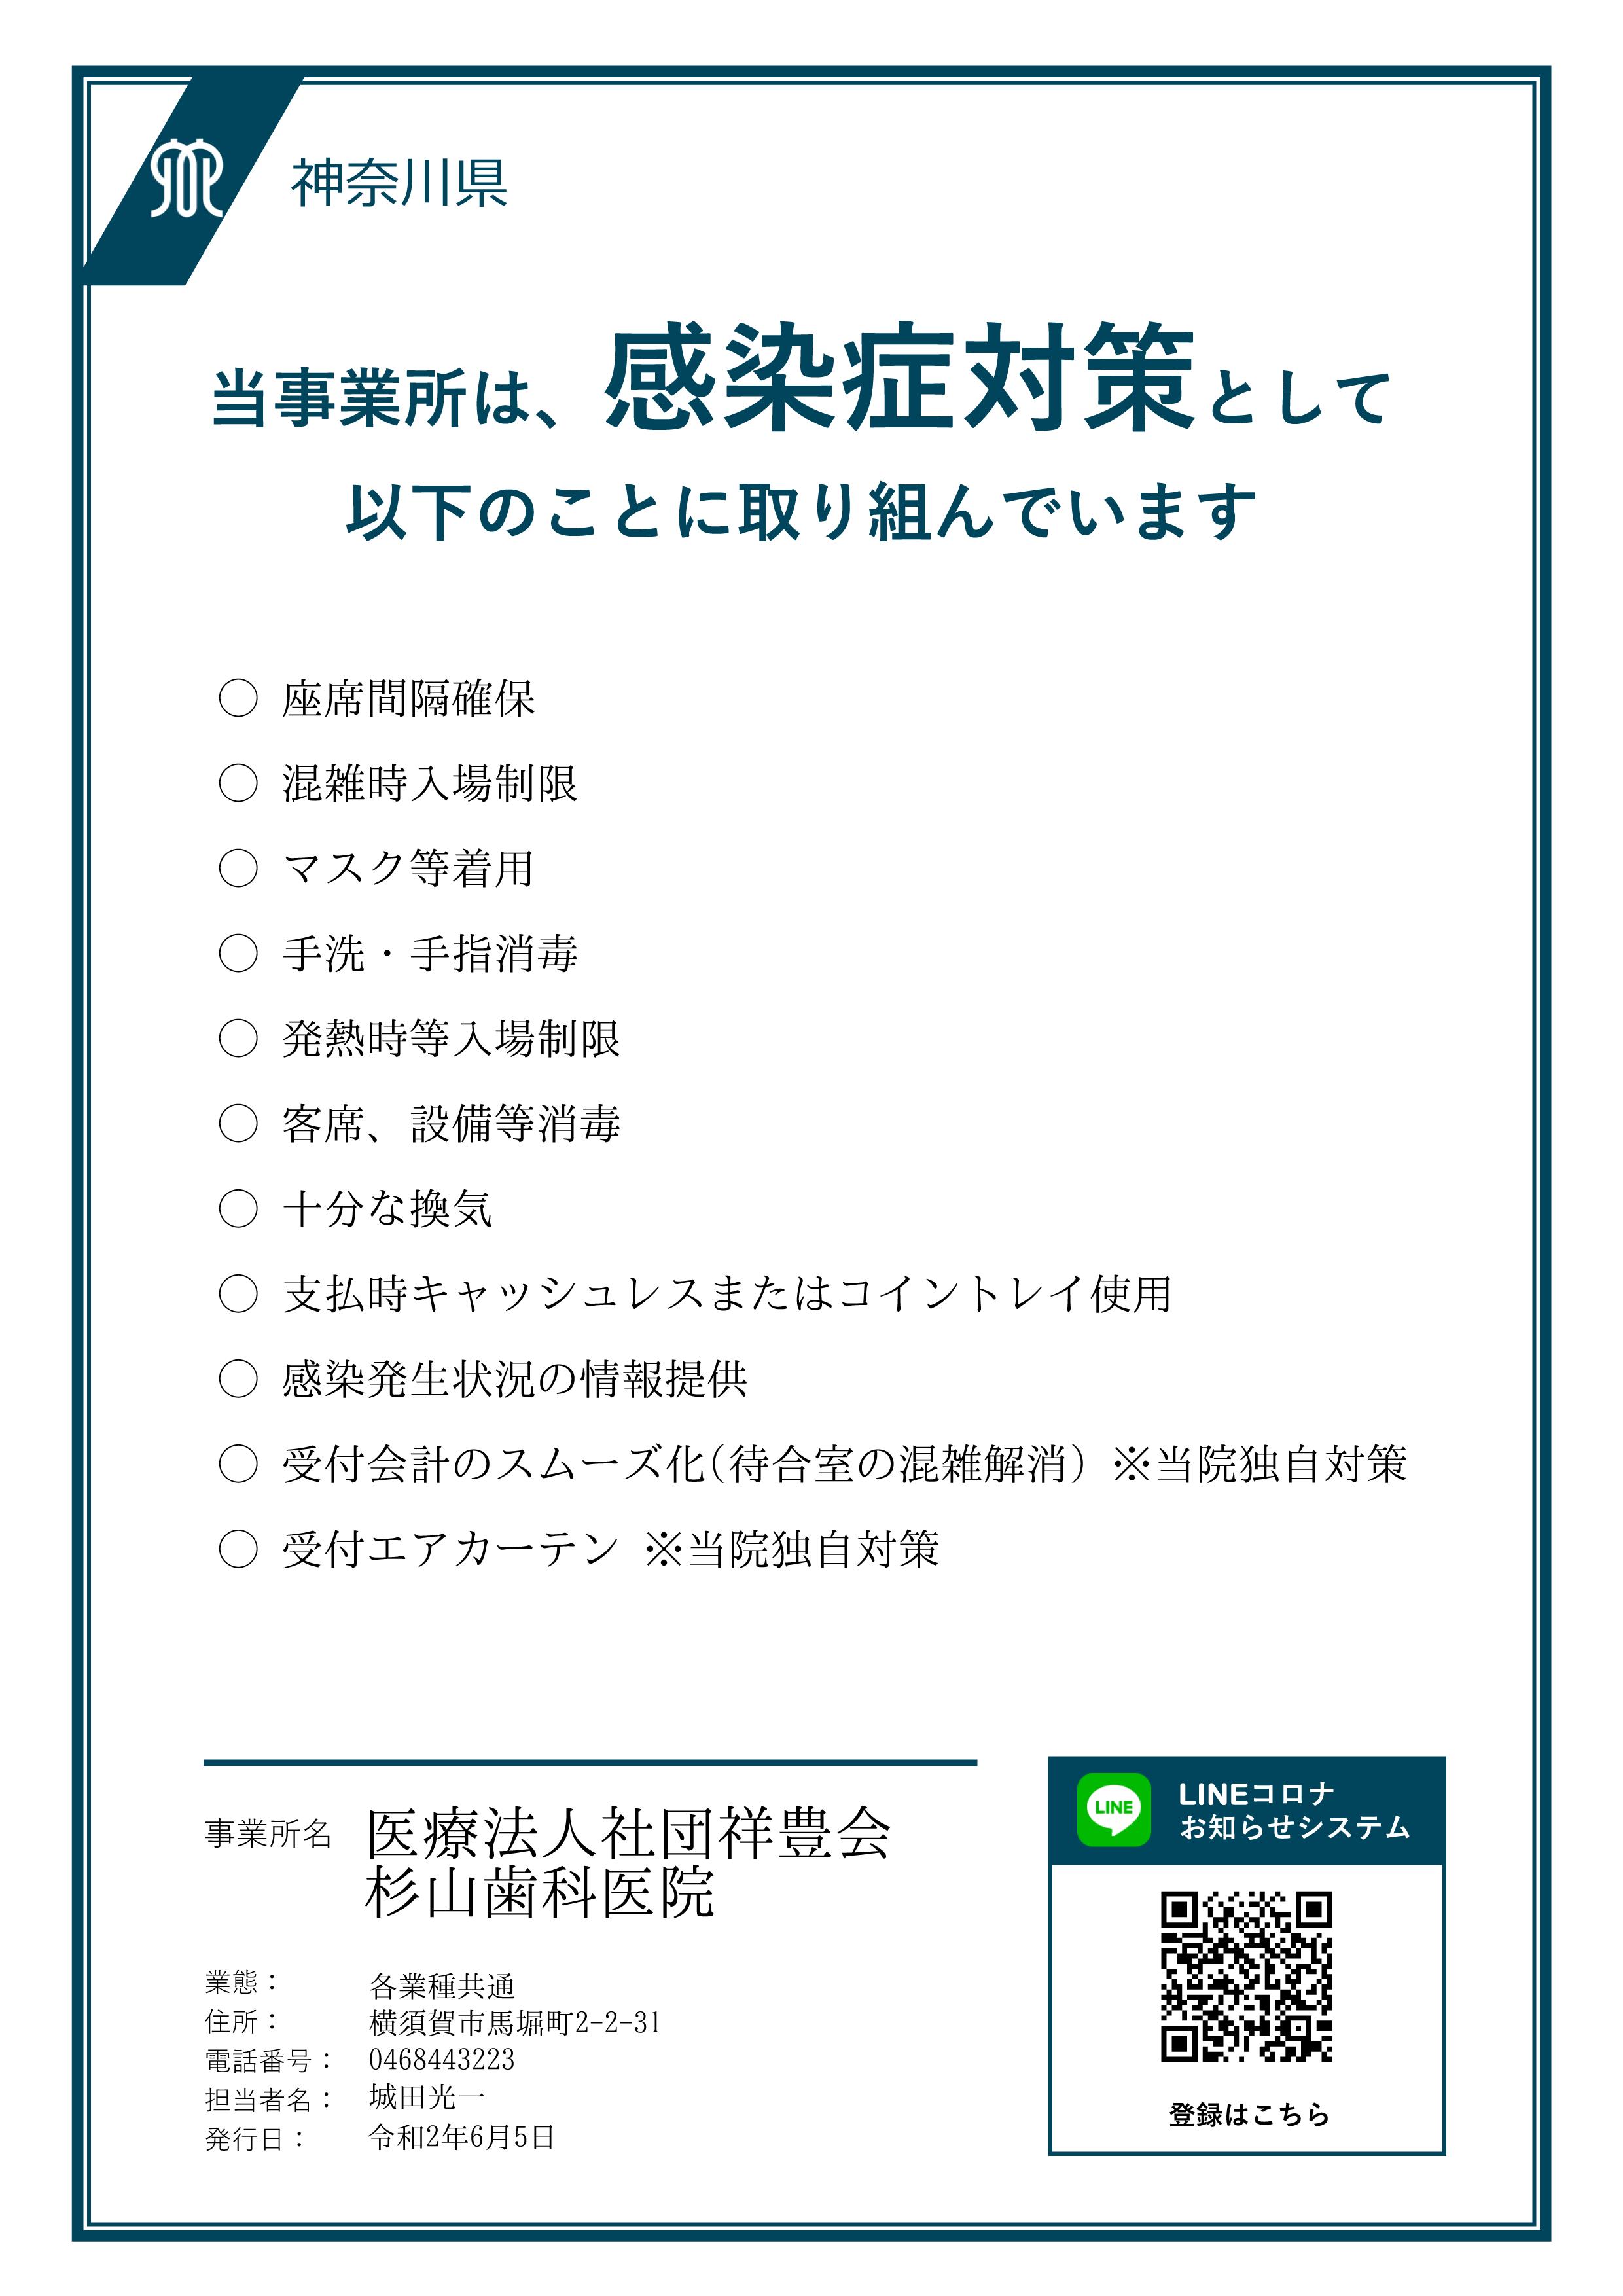 市 者 横須賀 情報 コロナ ウイルス 感染